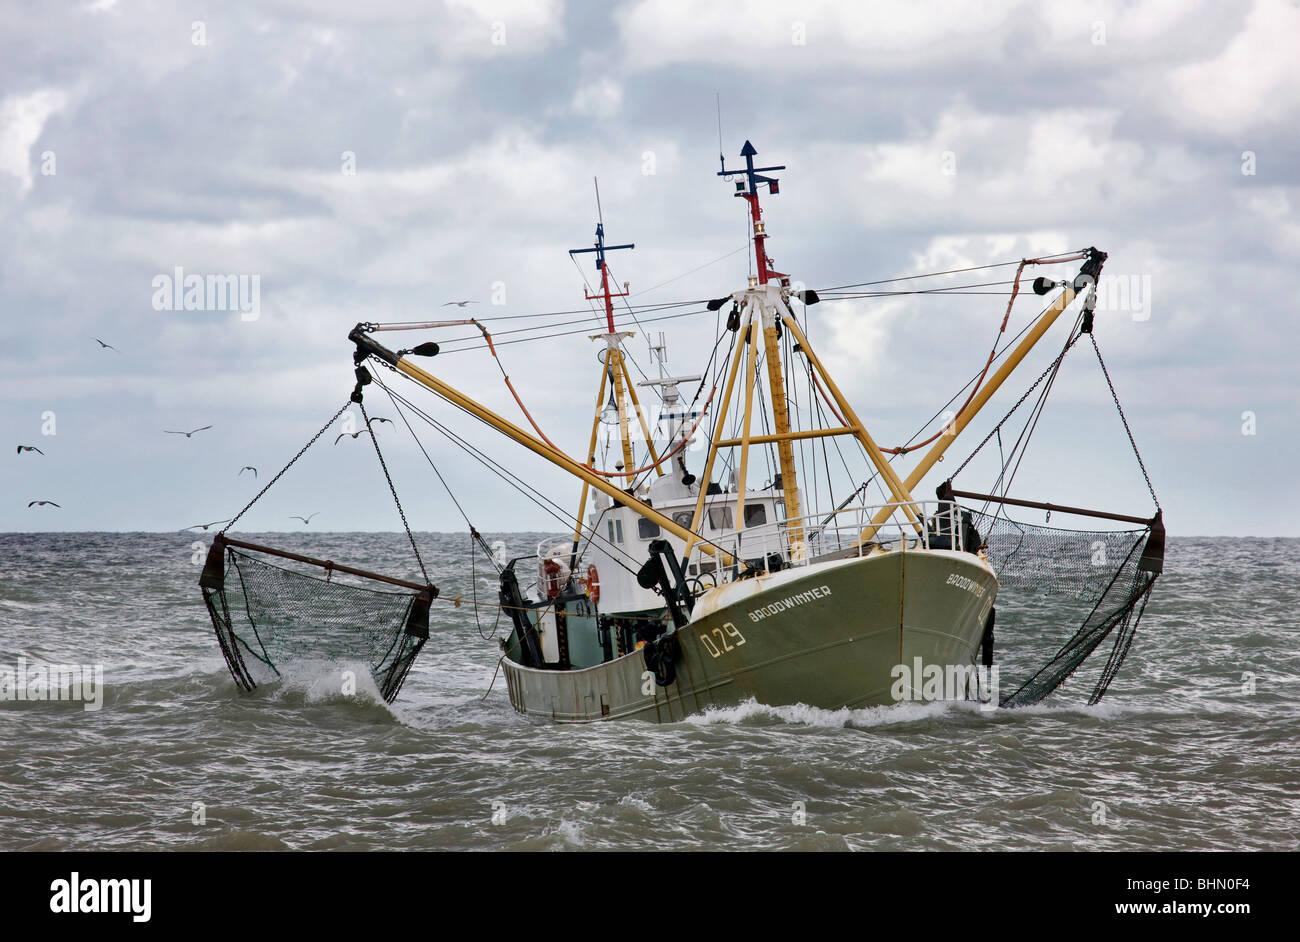 Arrastrero / barco de pesca en el Mar del Norte, arrastrando las redes de pesca, Oostende, Bélgica Foto de stock